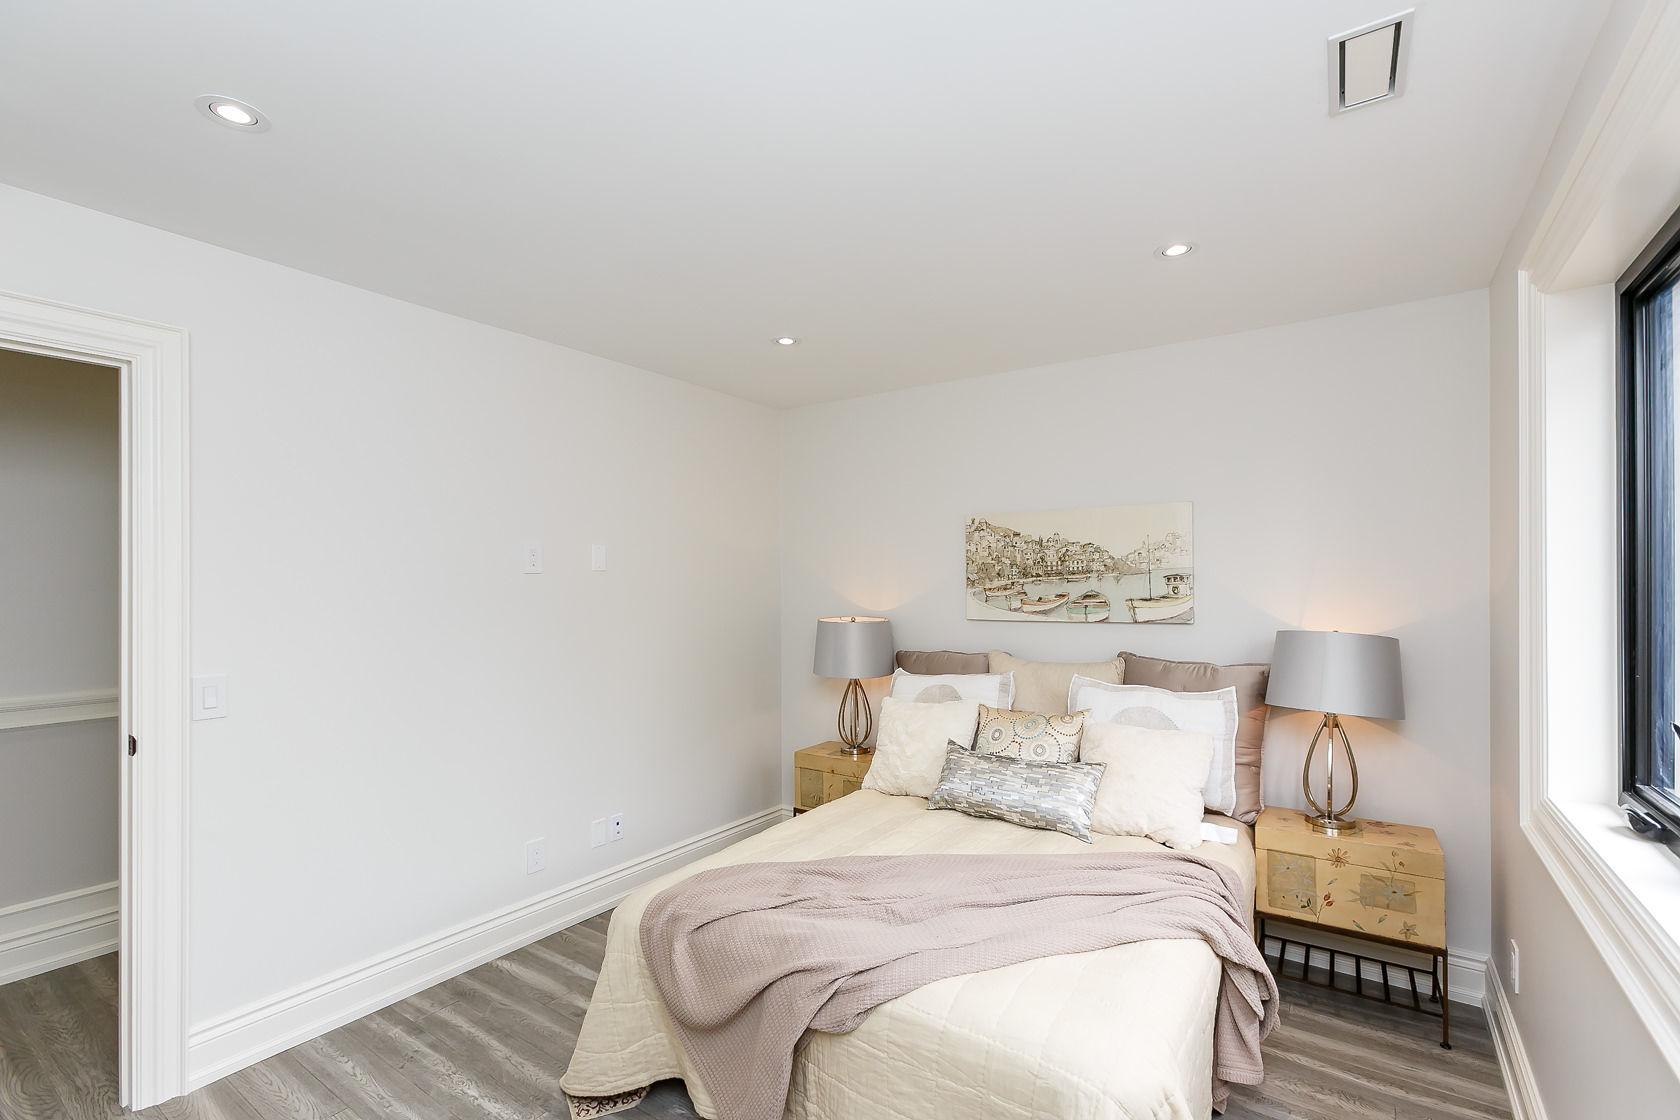 Third Bedroom Corner, 49 Rossburn, Etobicoke Home Staging